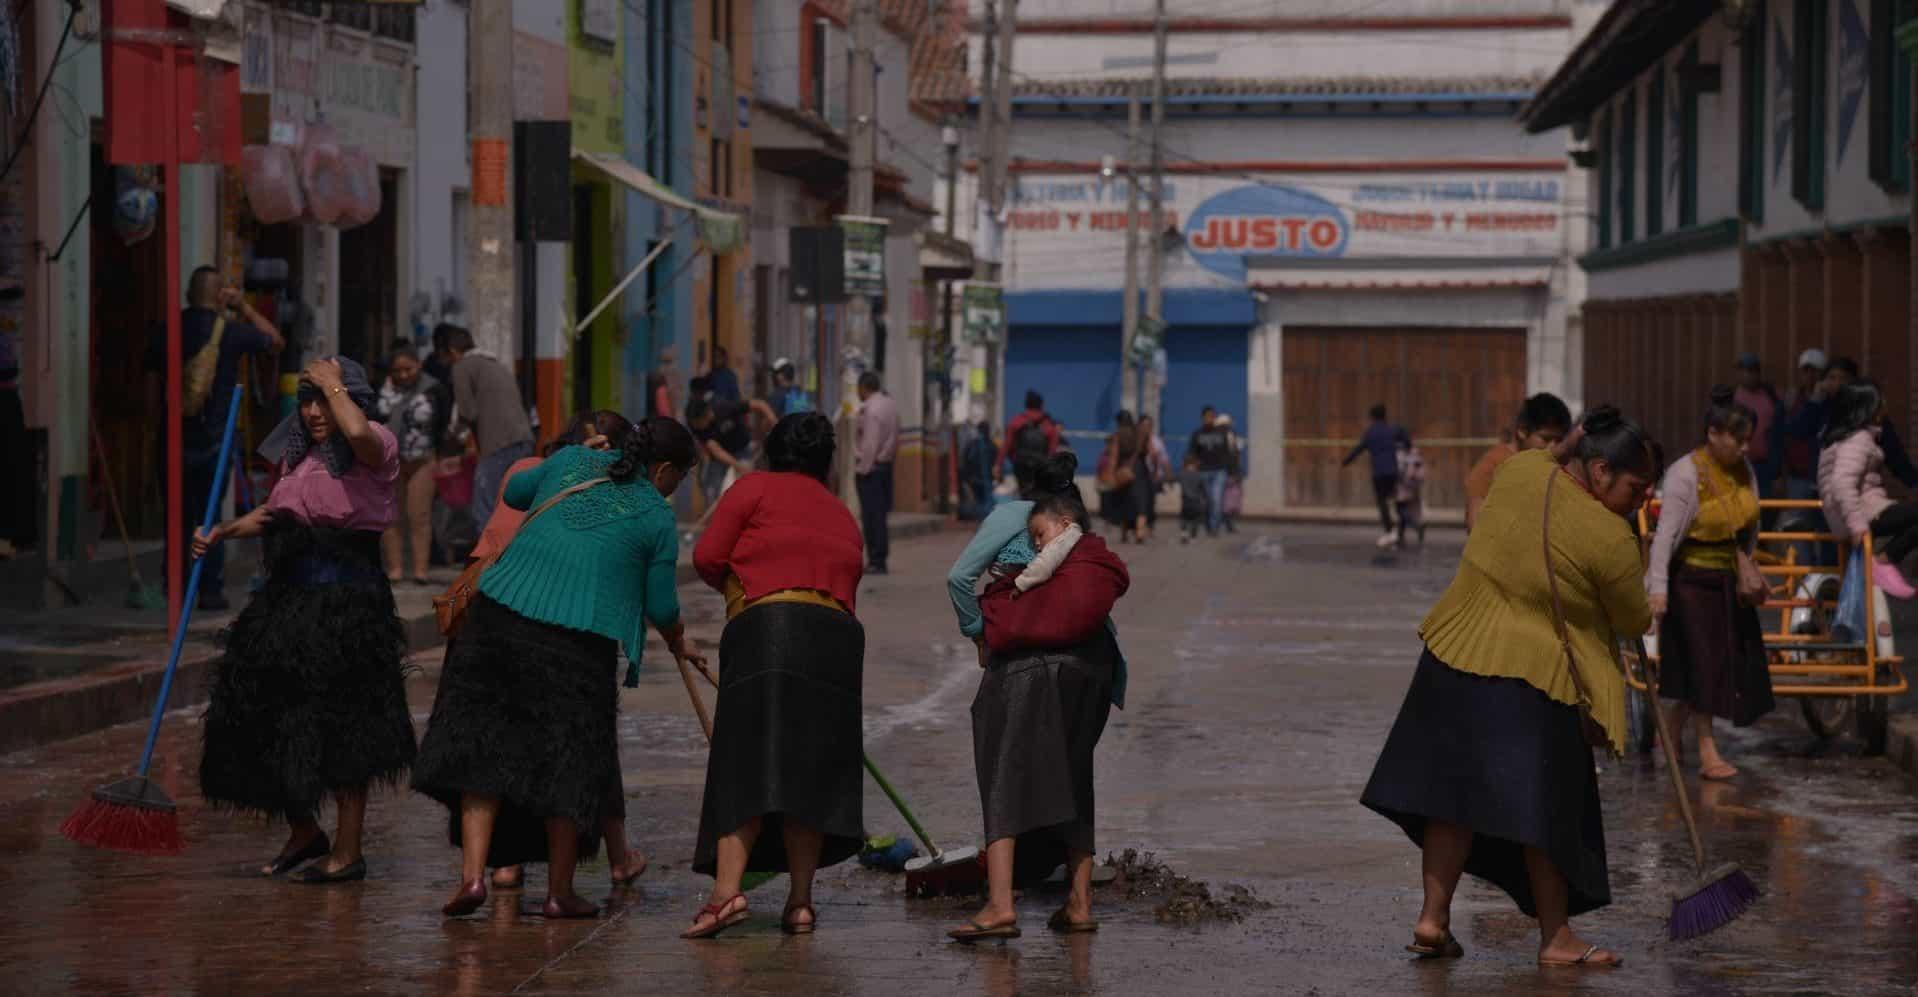 Las mujeres en México trabajan semanalmente 6,2 horas más que los hombres